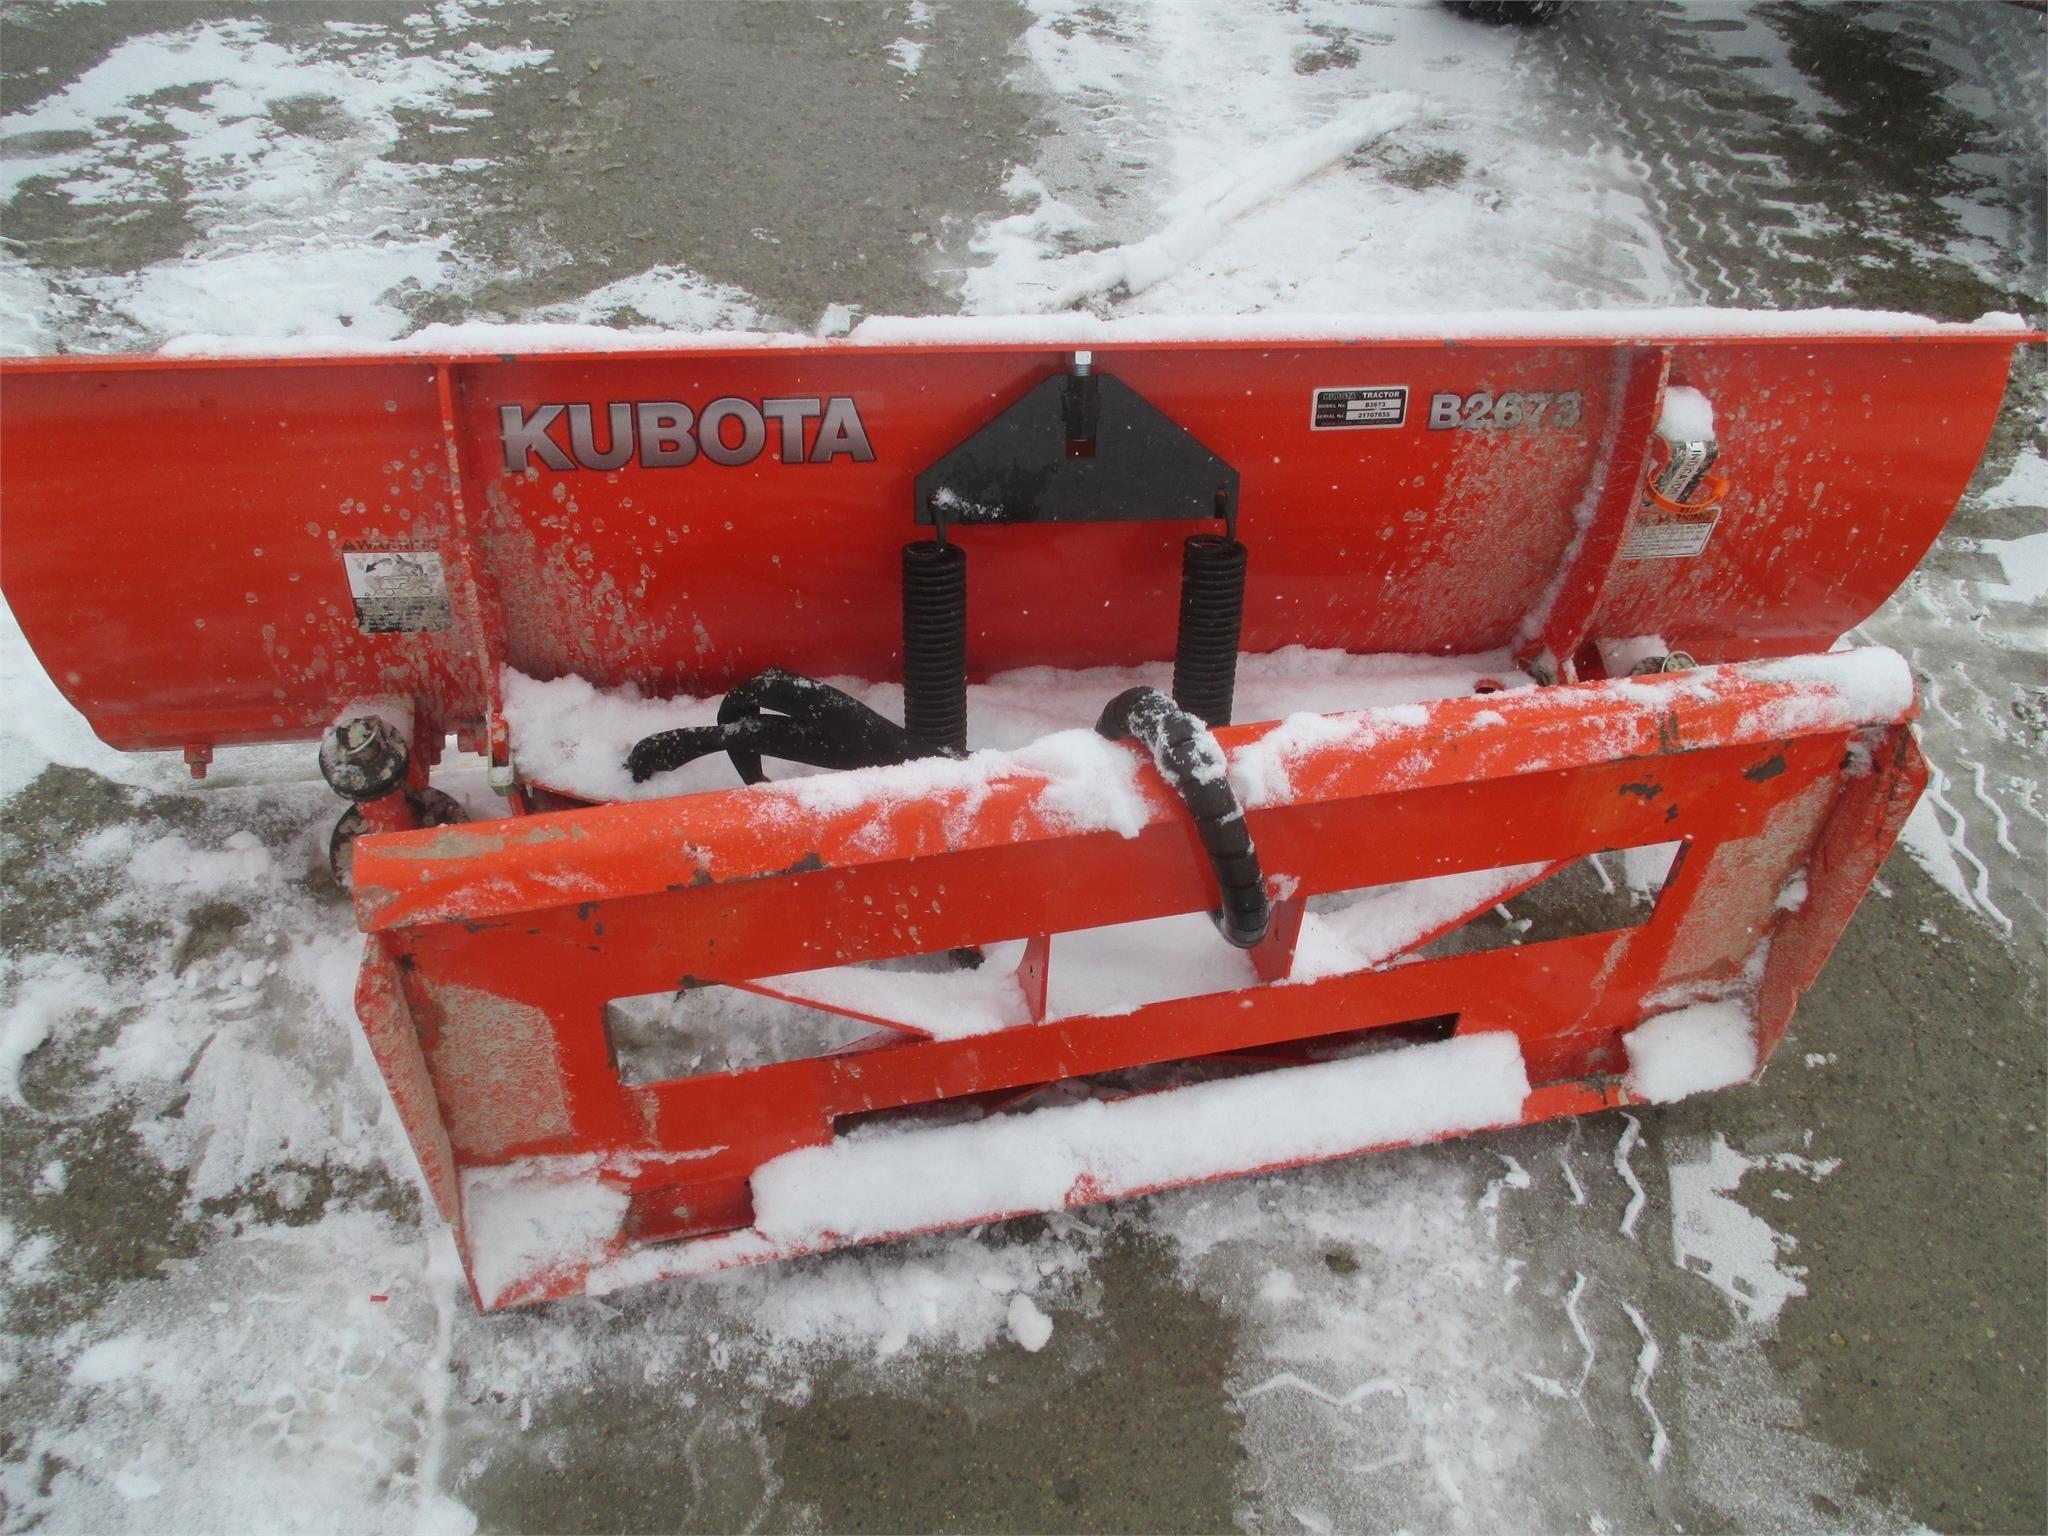 Kubota B2673 Blade